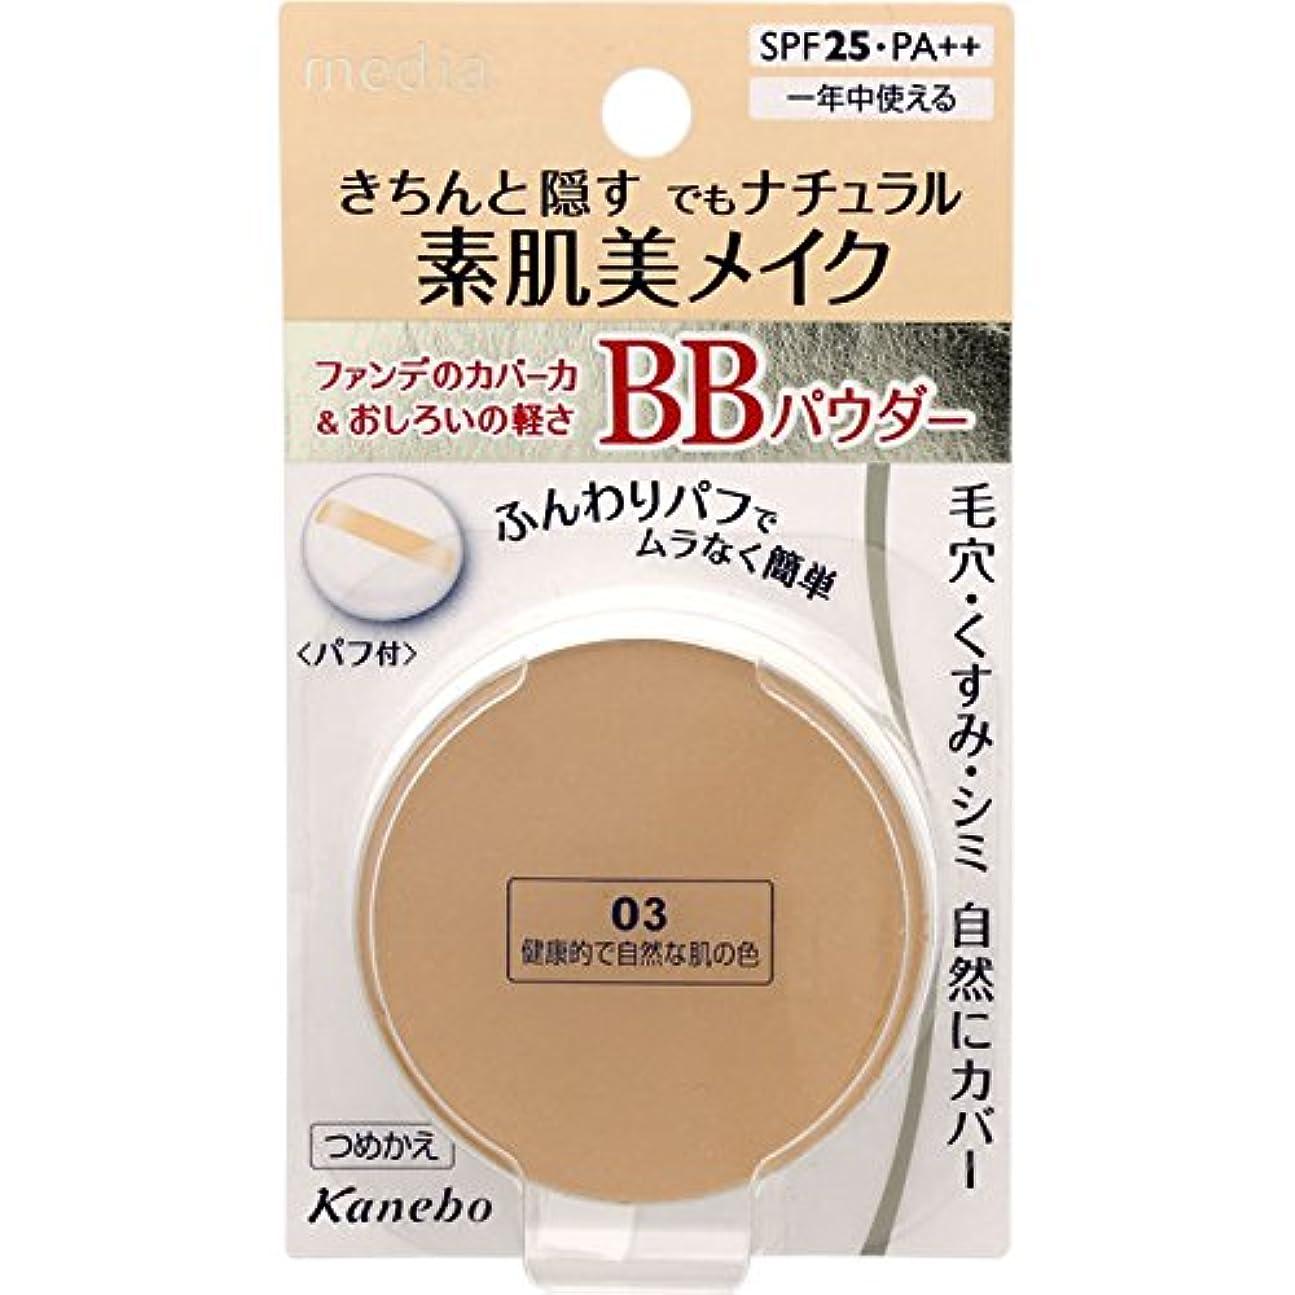 住居アラートフローメディアBBパウダー03(健康的で自然な肌の色)×4